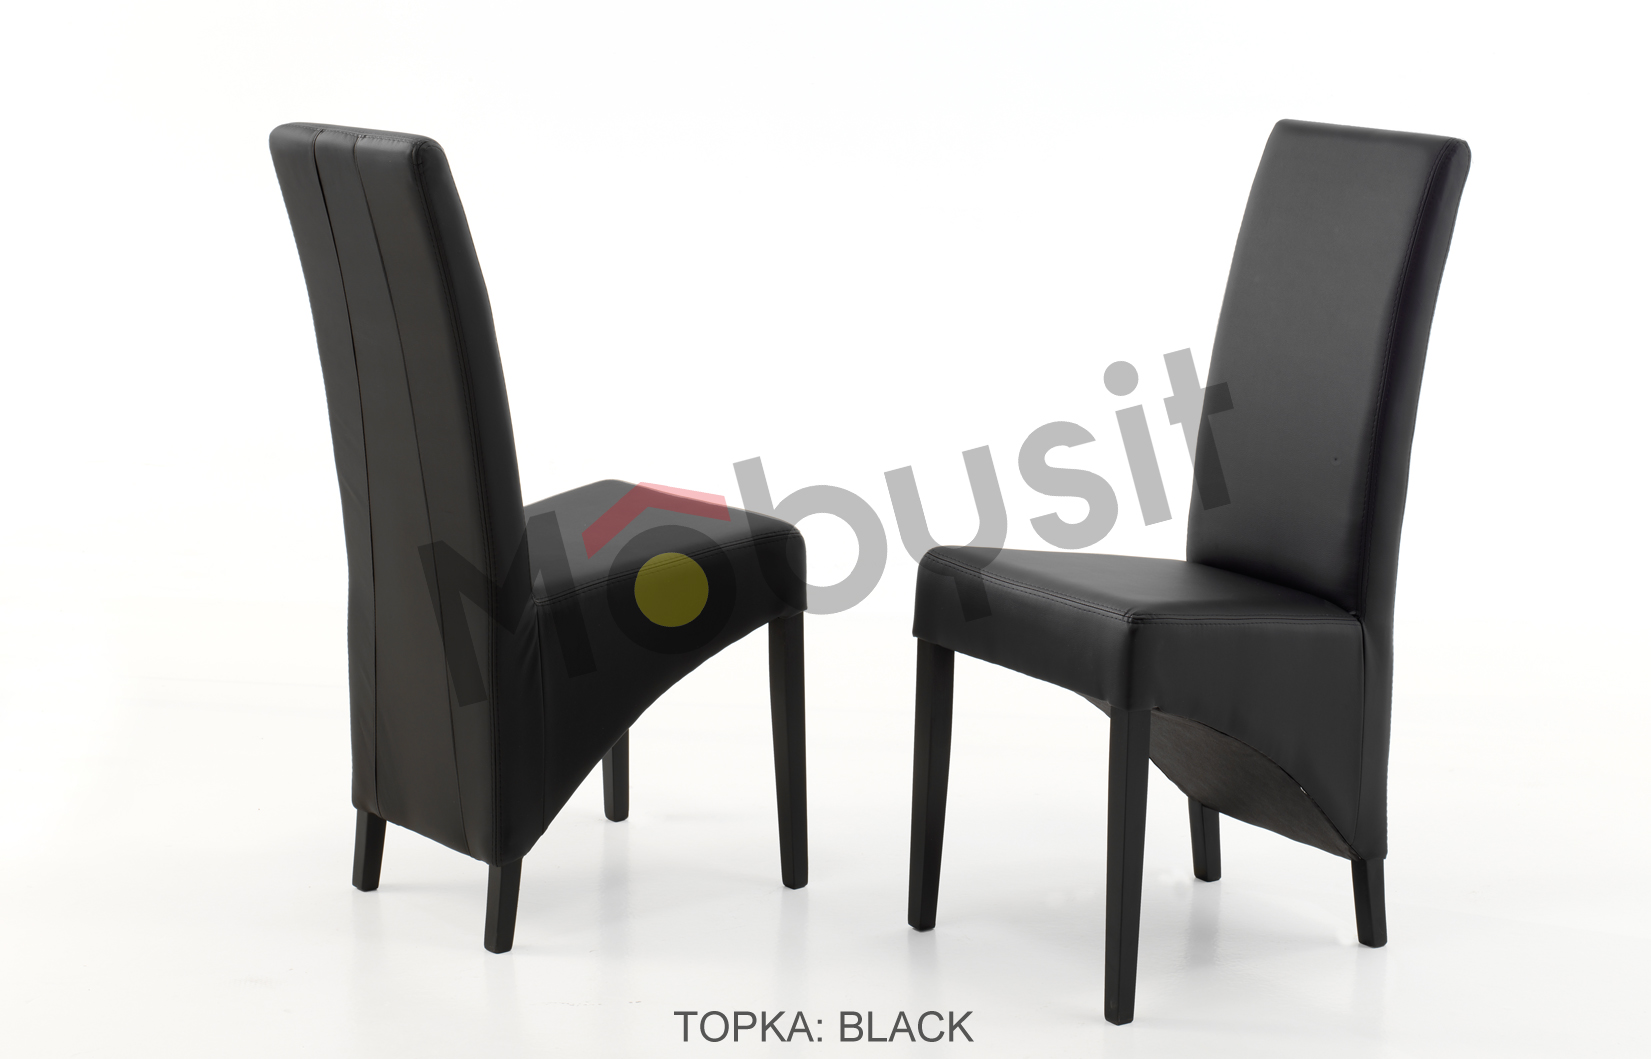 Topka BIG Black